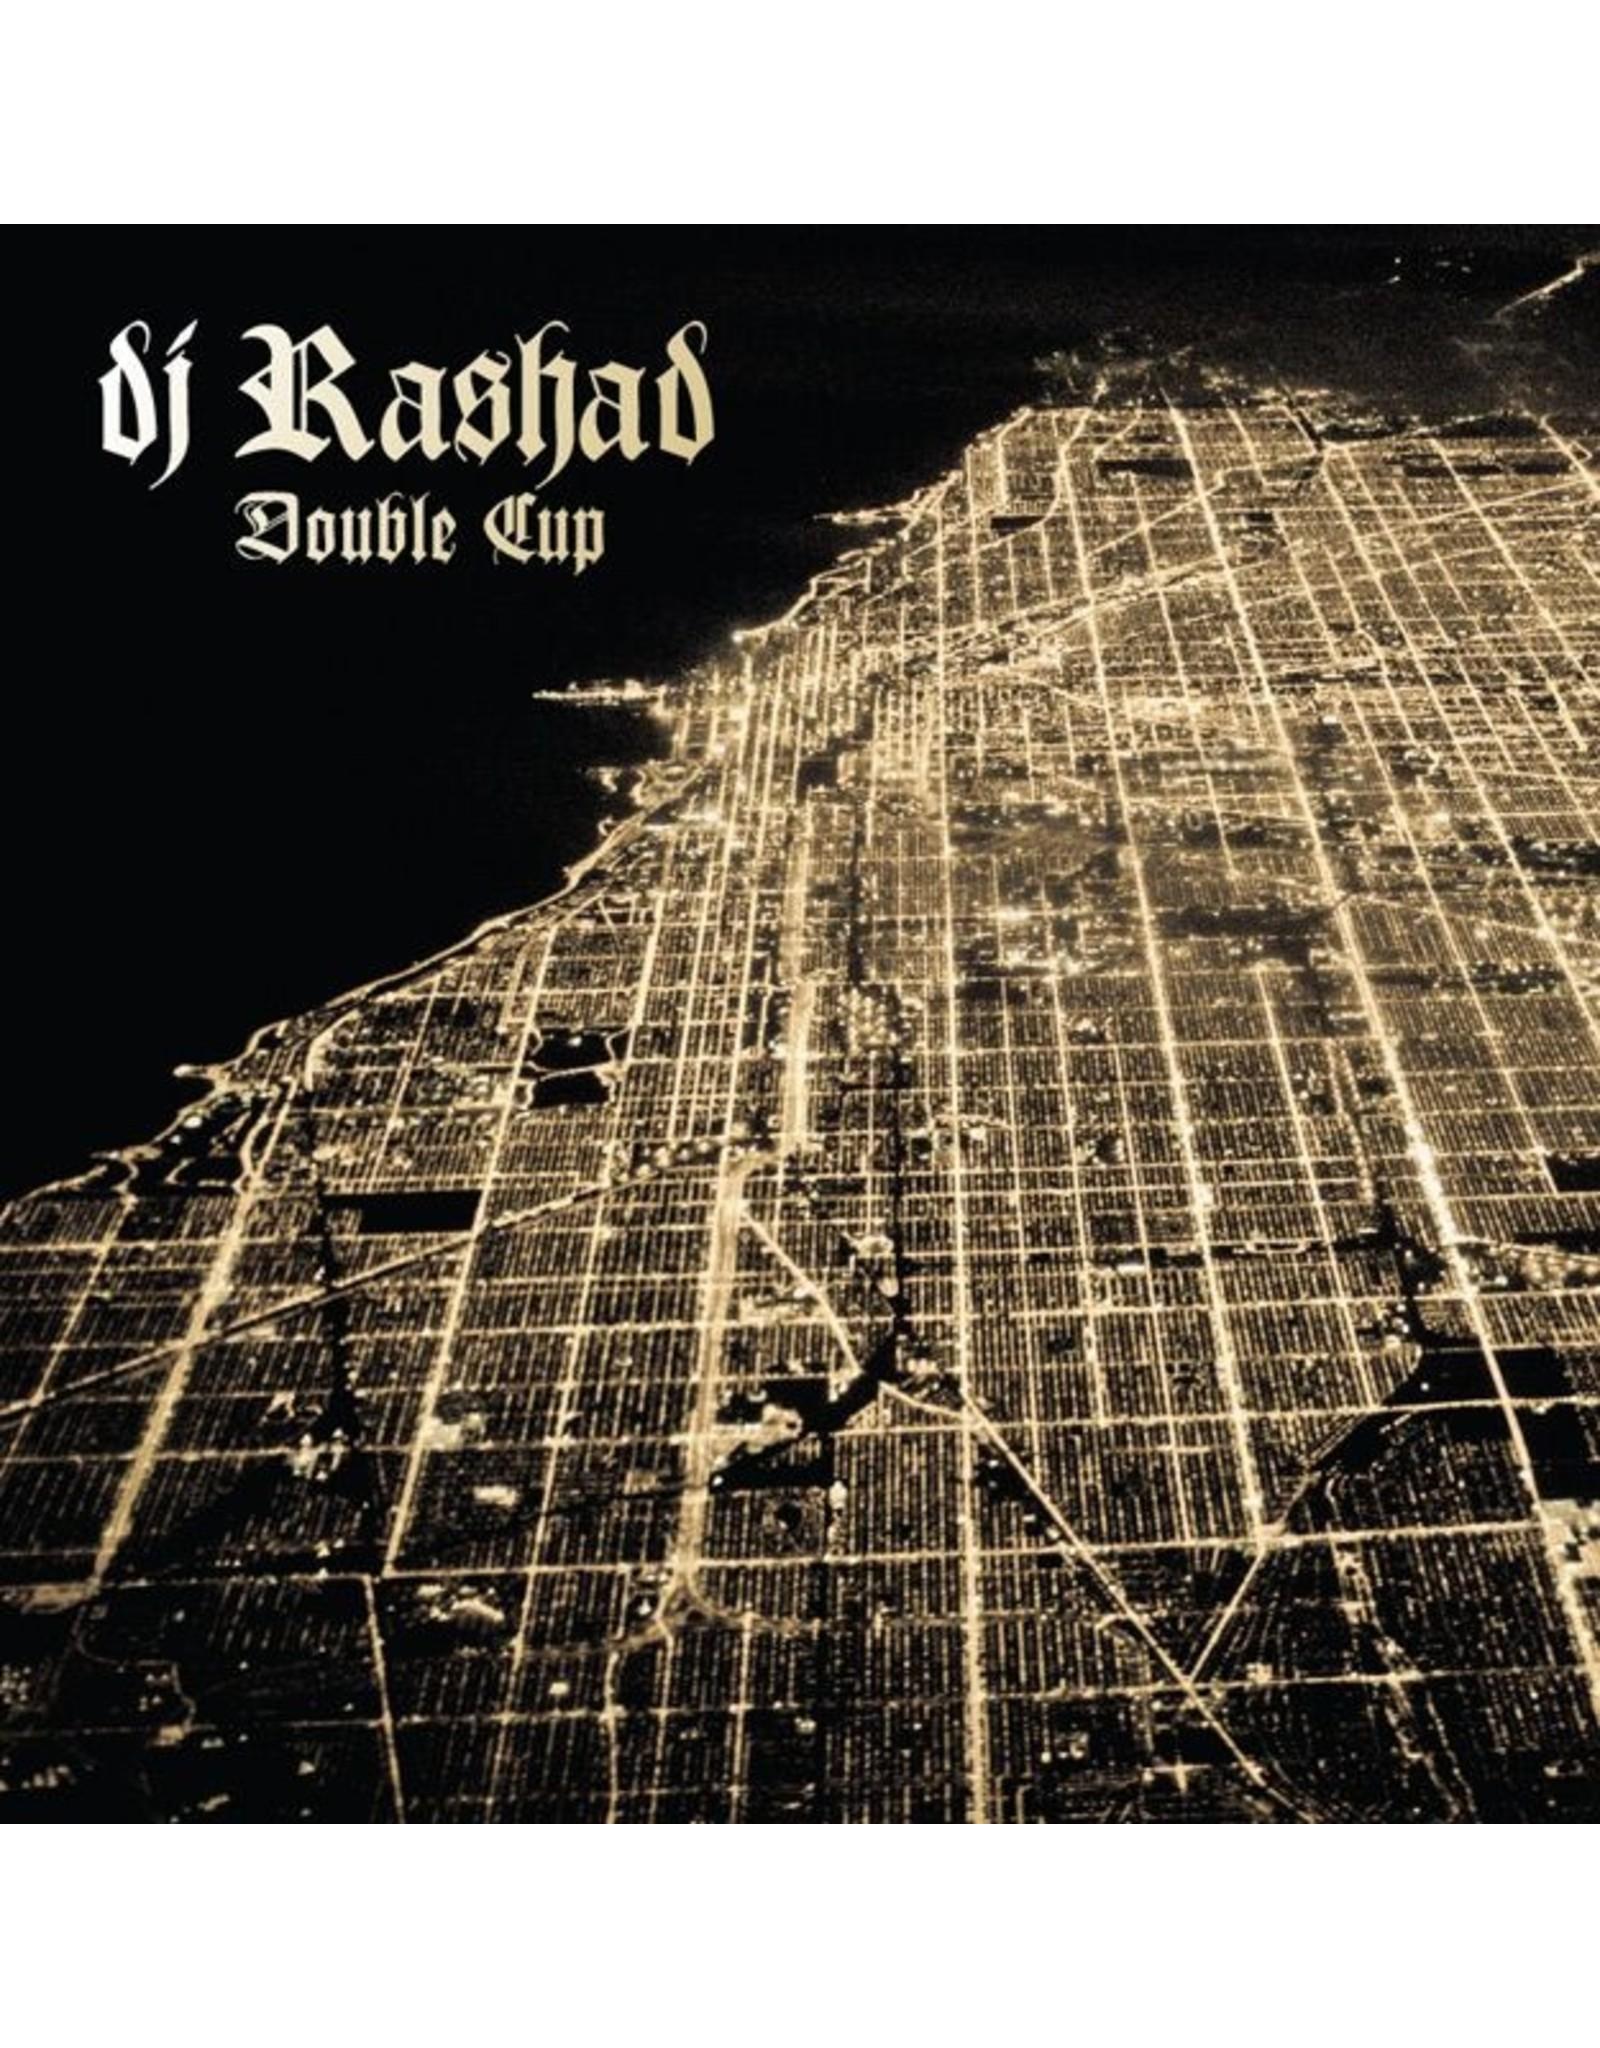 New Vinyl DJ Rashad - Double Cup 2LP